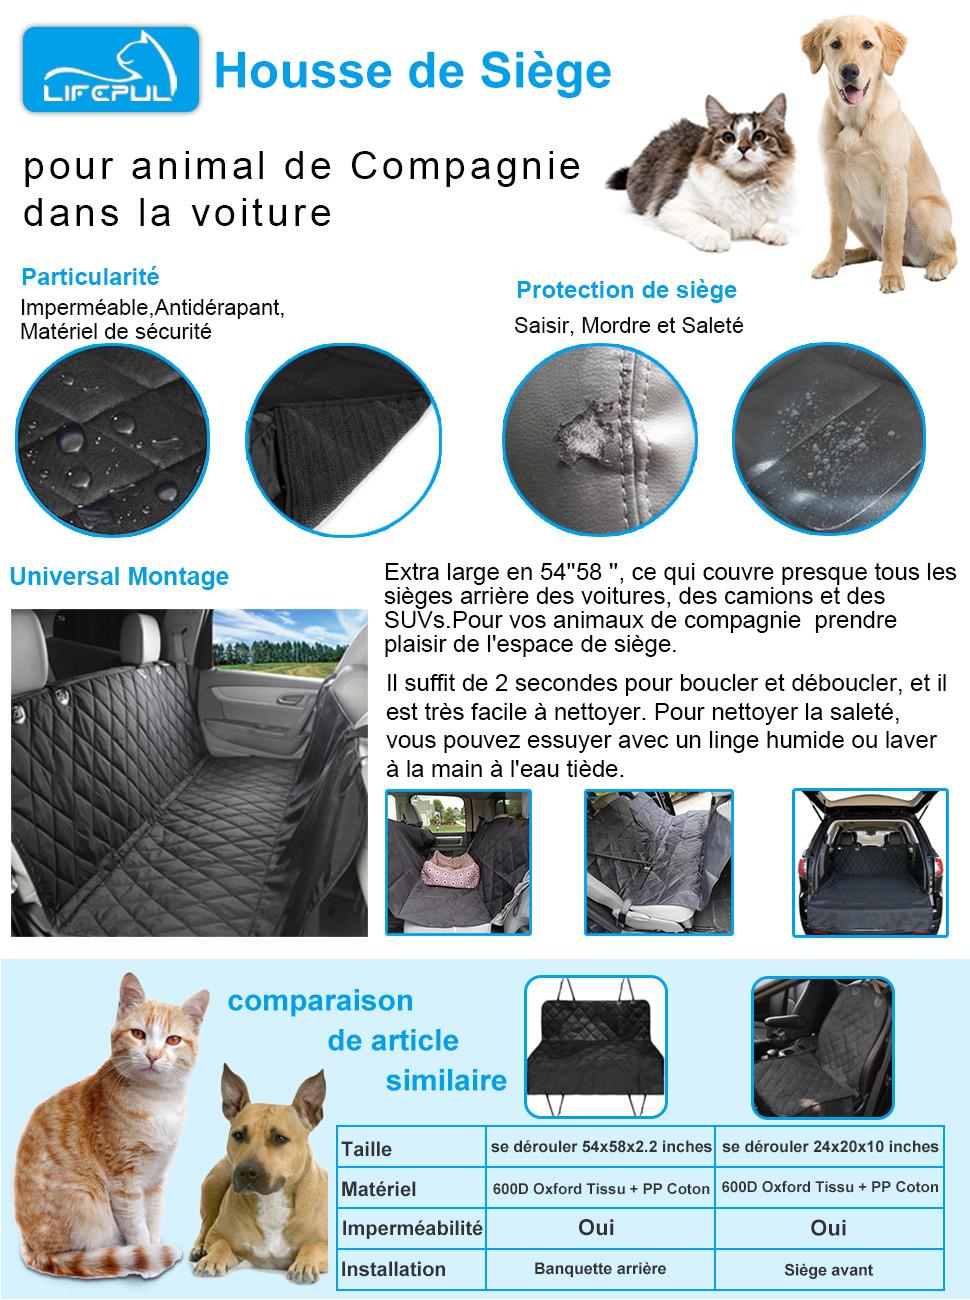 Lifepul tm housse de si ge pour chien chat banquette for Housse protection siege voiture pour chien